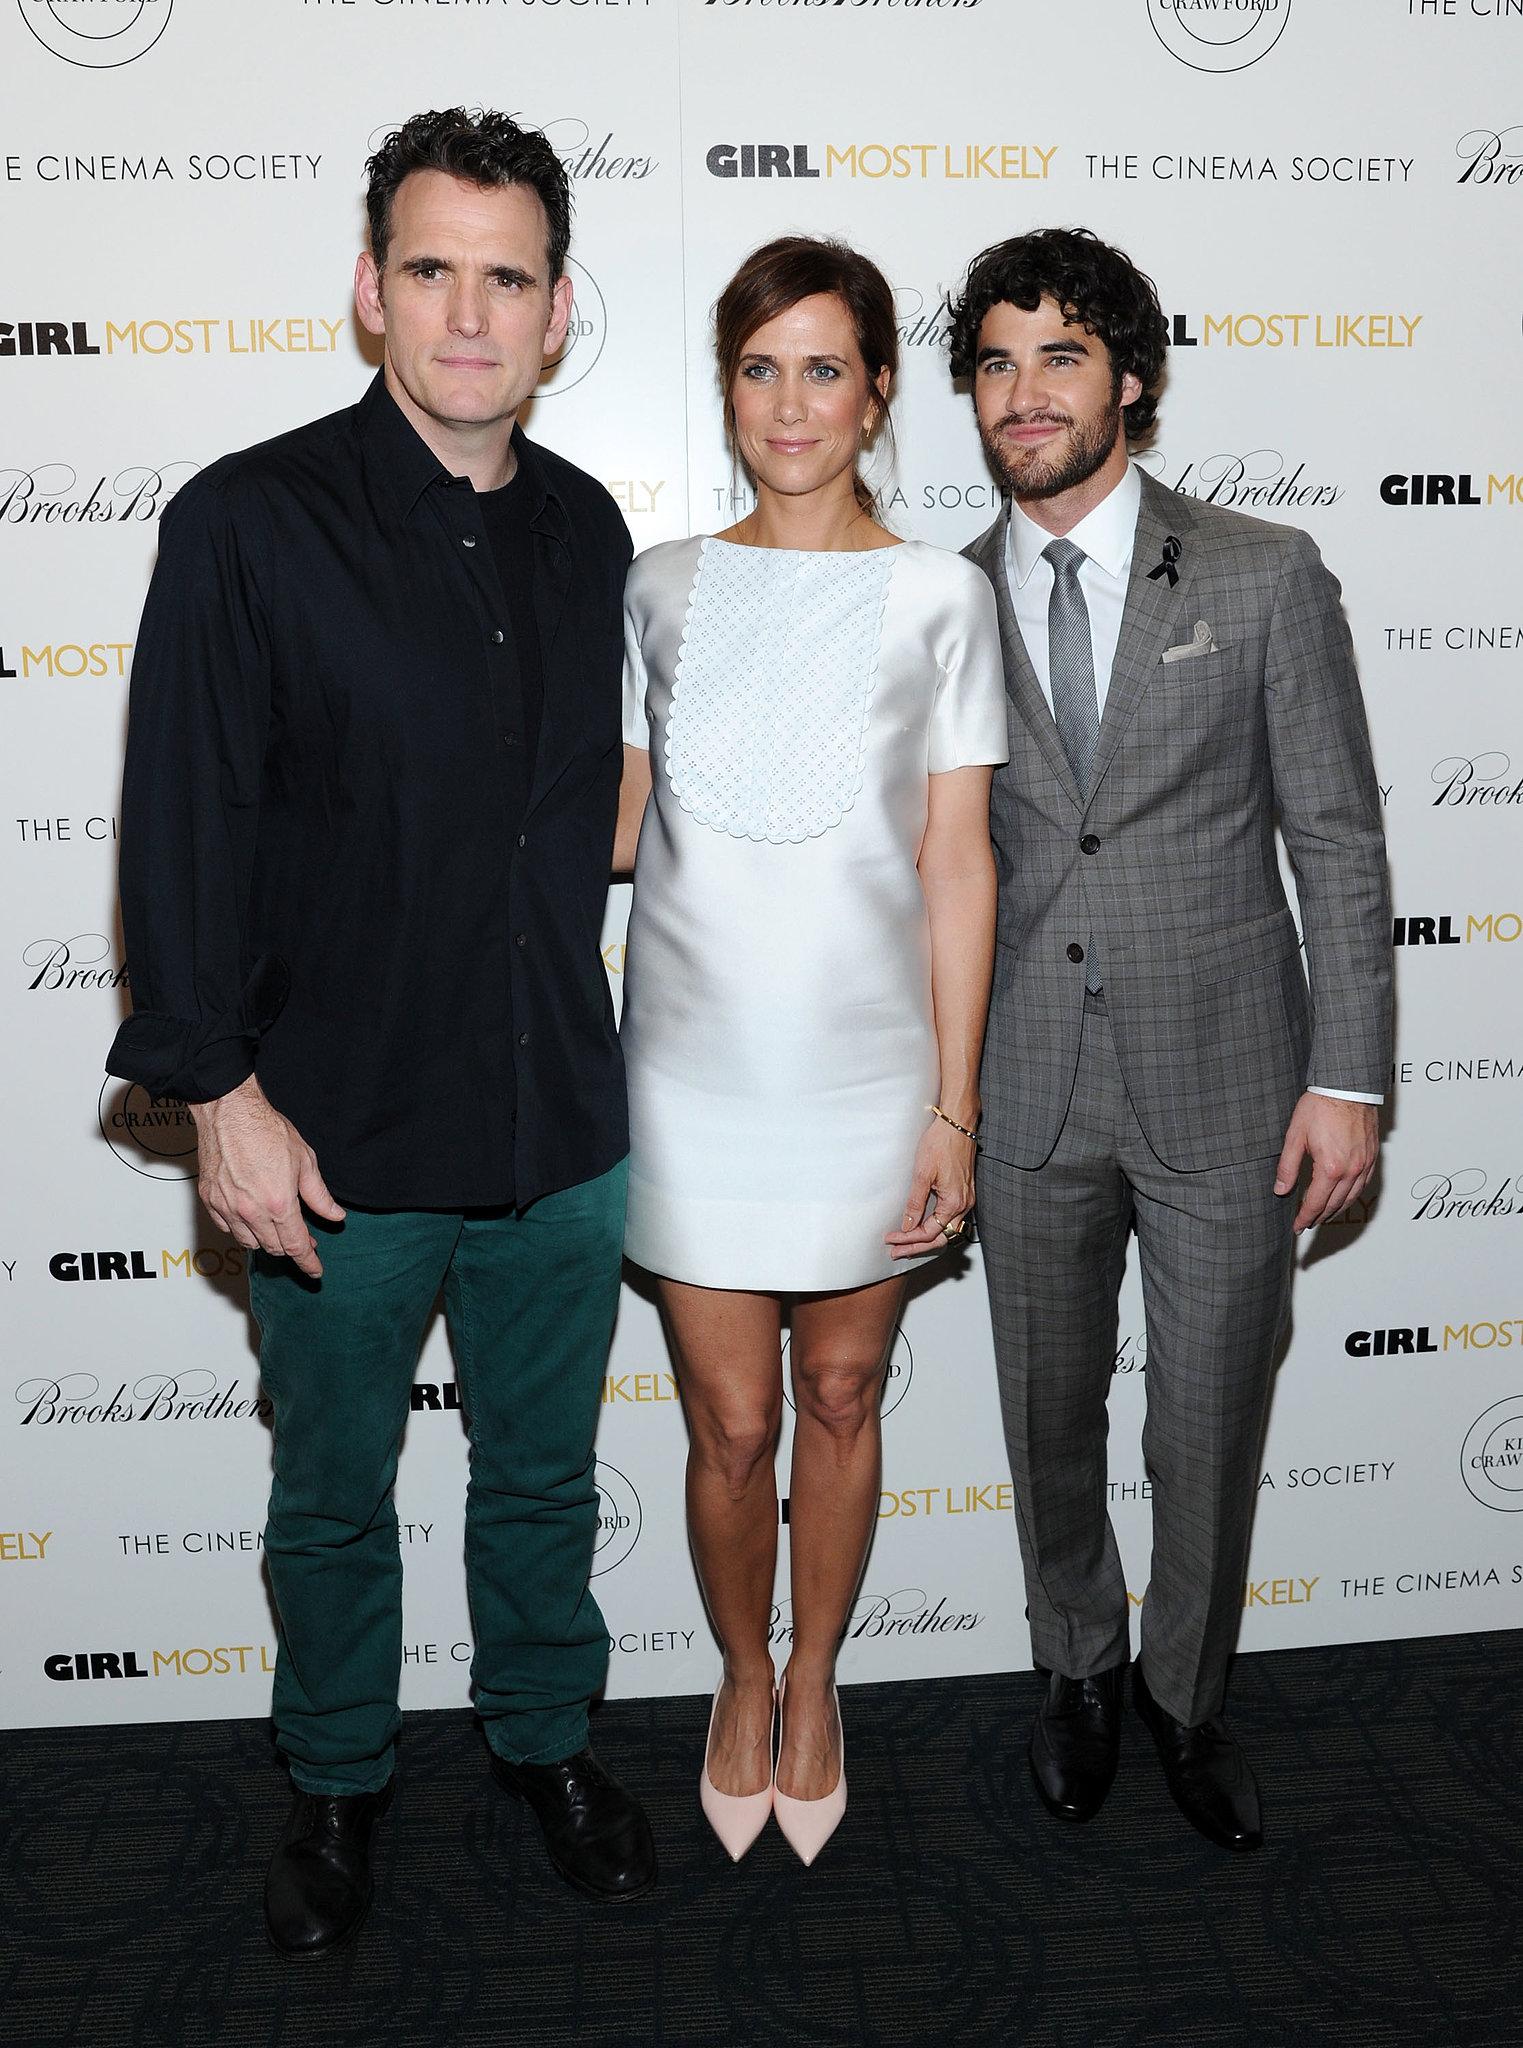 Matt Dillon, Kristen Wiig, and Darren Criss attended the premiere.